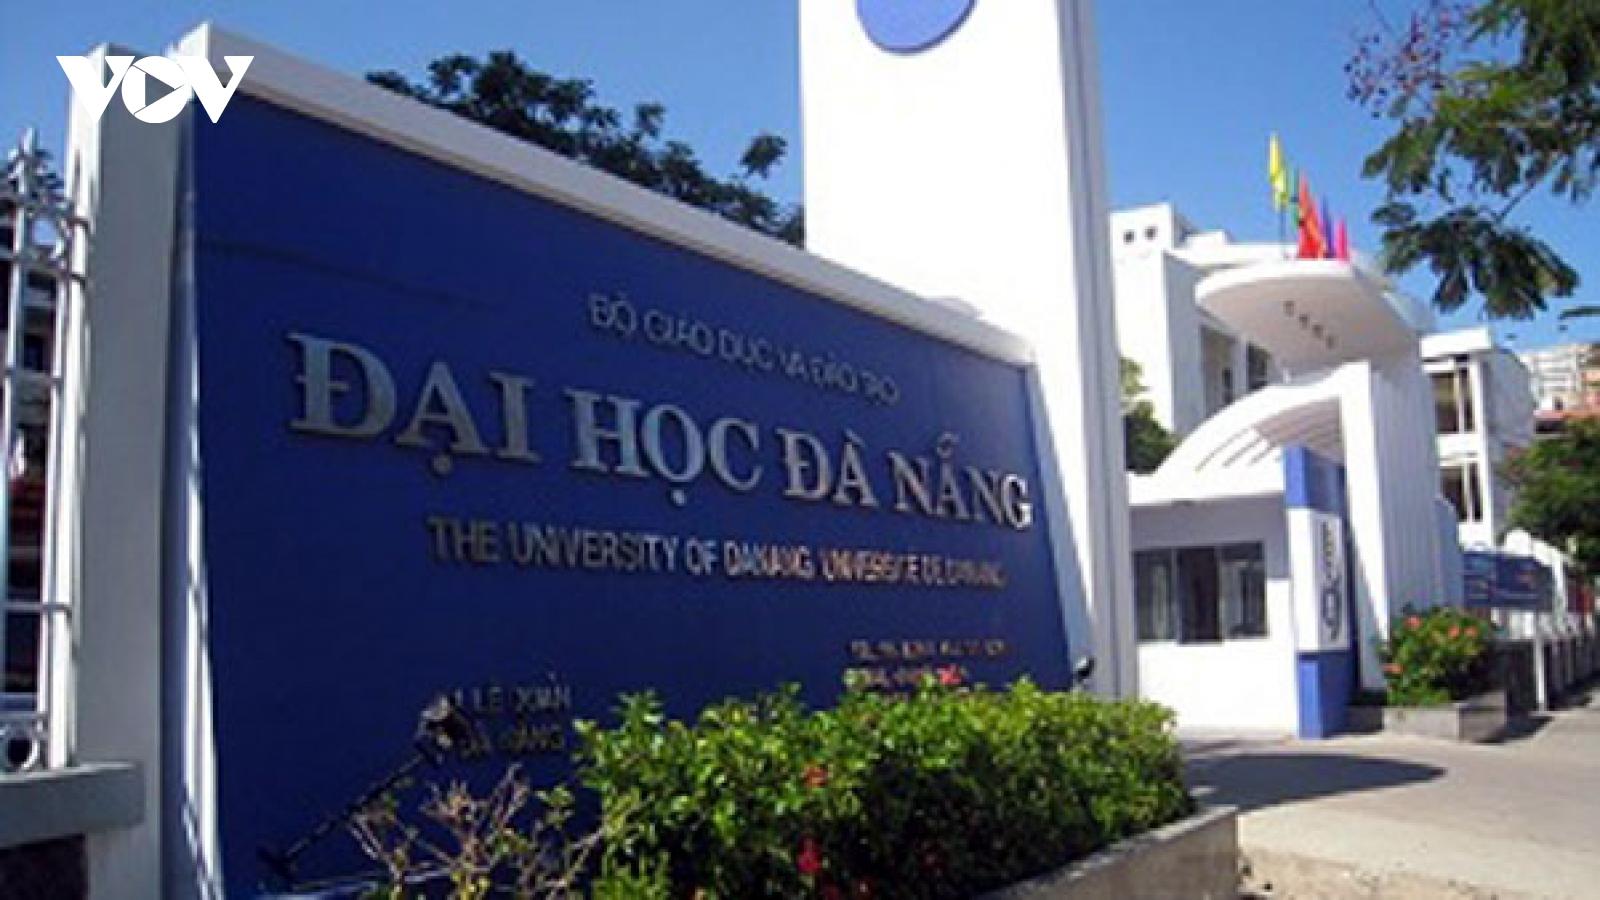 Điểm sàn xét tuyển tại Đại học Đà Nẵng cao hơn so với năm 2019